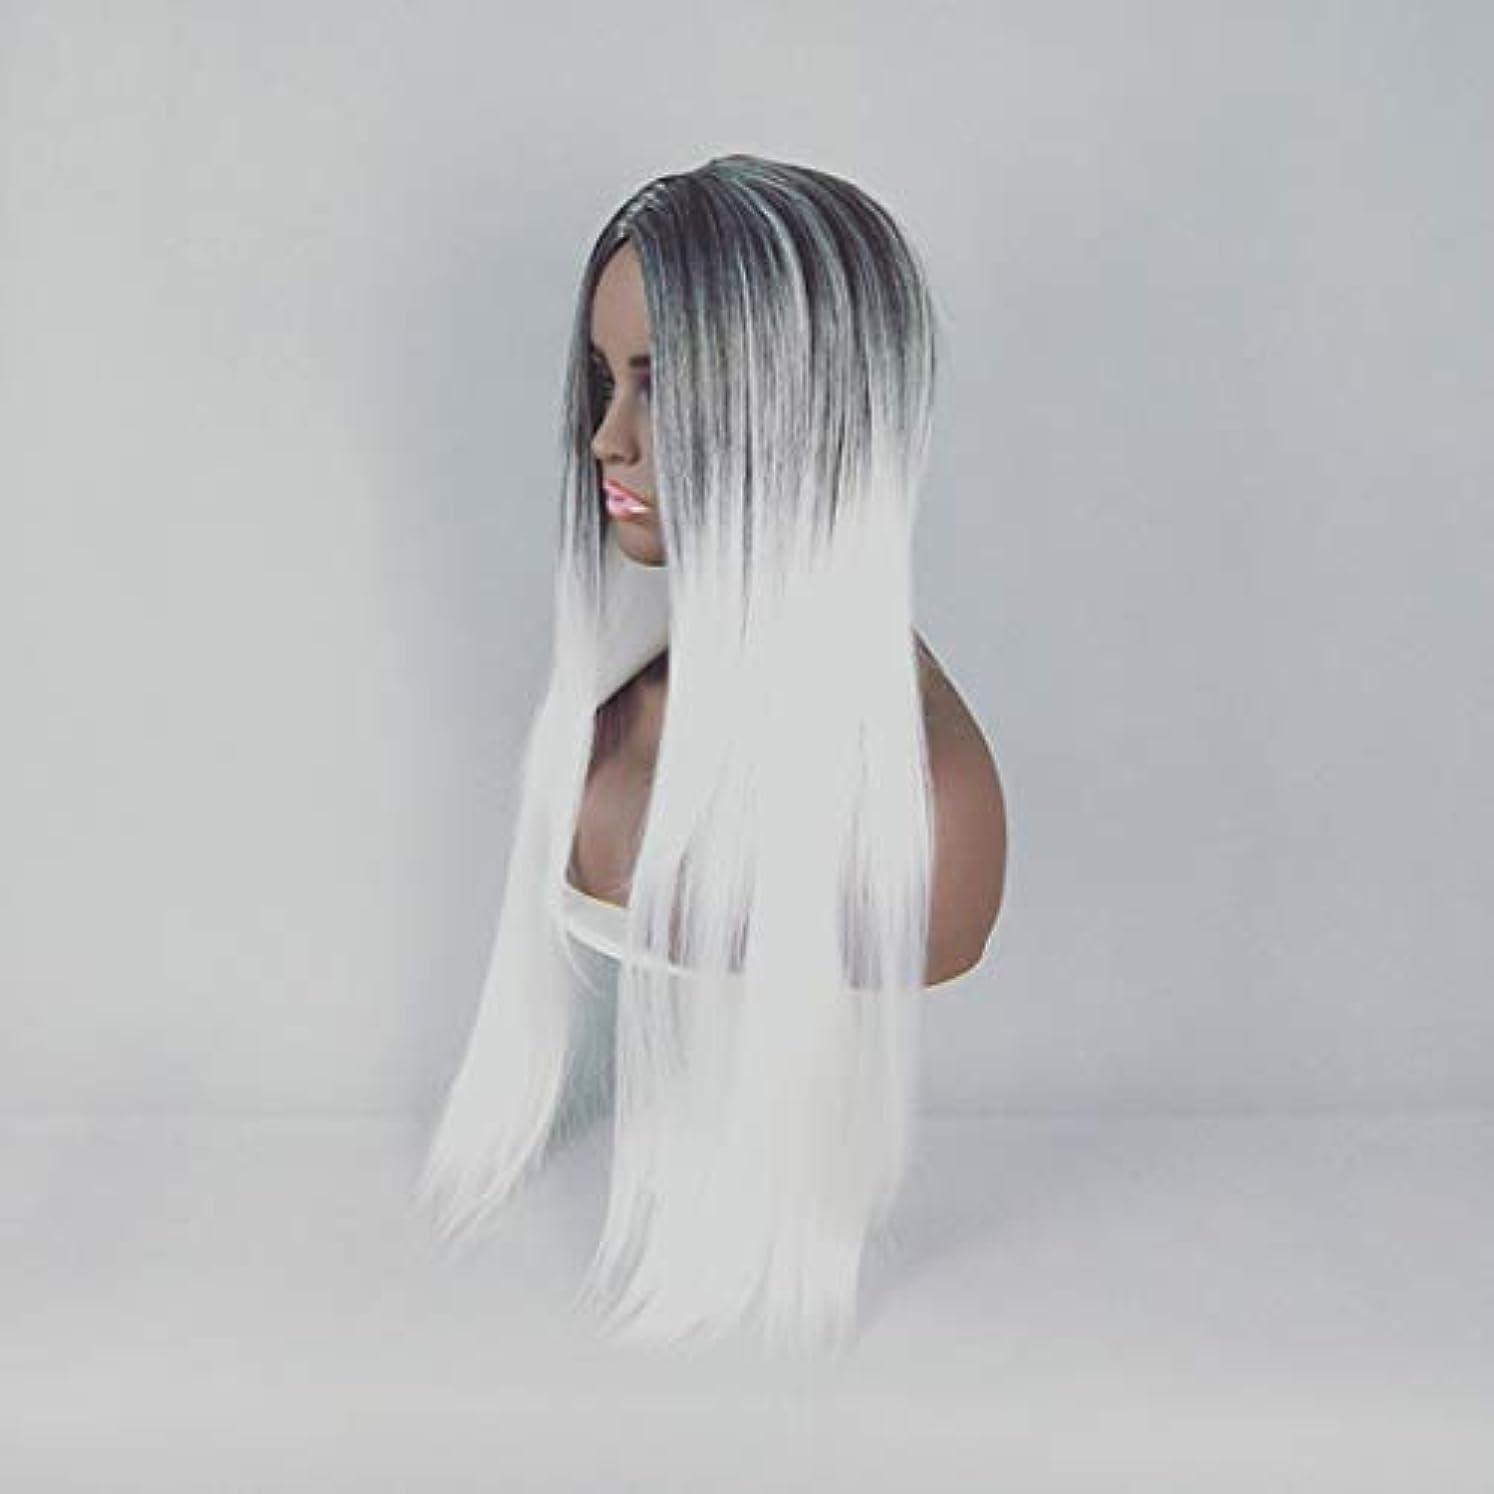 切り離すやめる将来のKerwinner 合成ストレートストレートヘアウィッグカラーグラデーションフルウィッグ女性のための前髪付き耐熱ウィッグロングウィッグコスプレ/パーティー用 (Color : White)